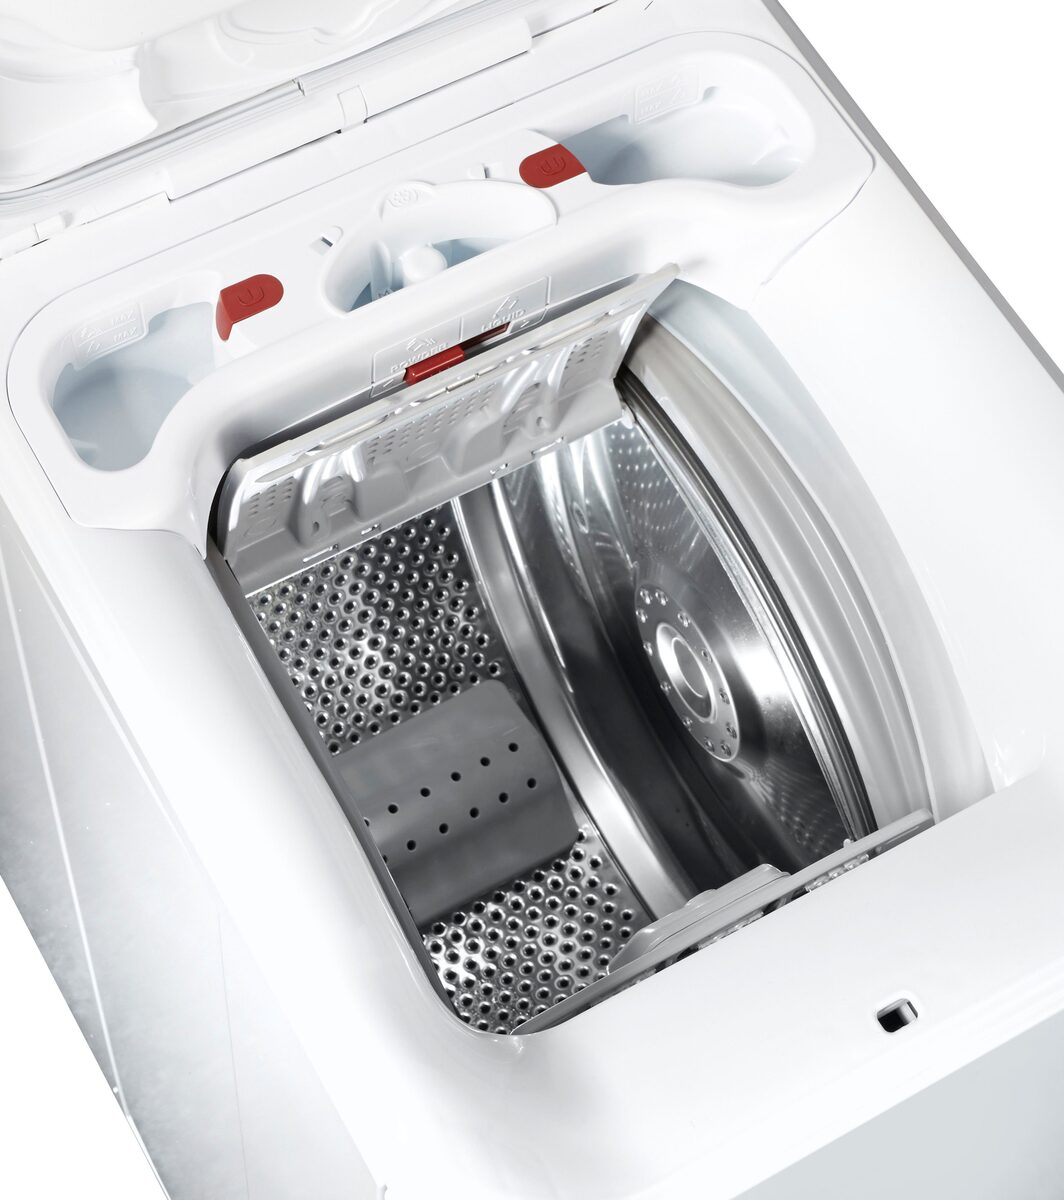 Bild 3 von AEG Waschmaschine Toplader Serie 7000 L7TB27TL, 7 kg, 1200 U/Min, ProSteam - Auffrischfunktion